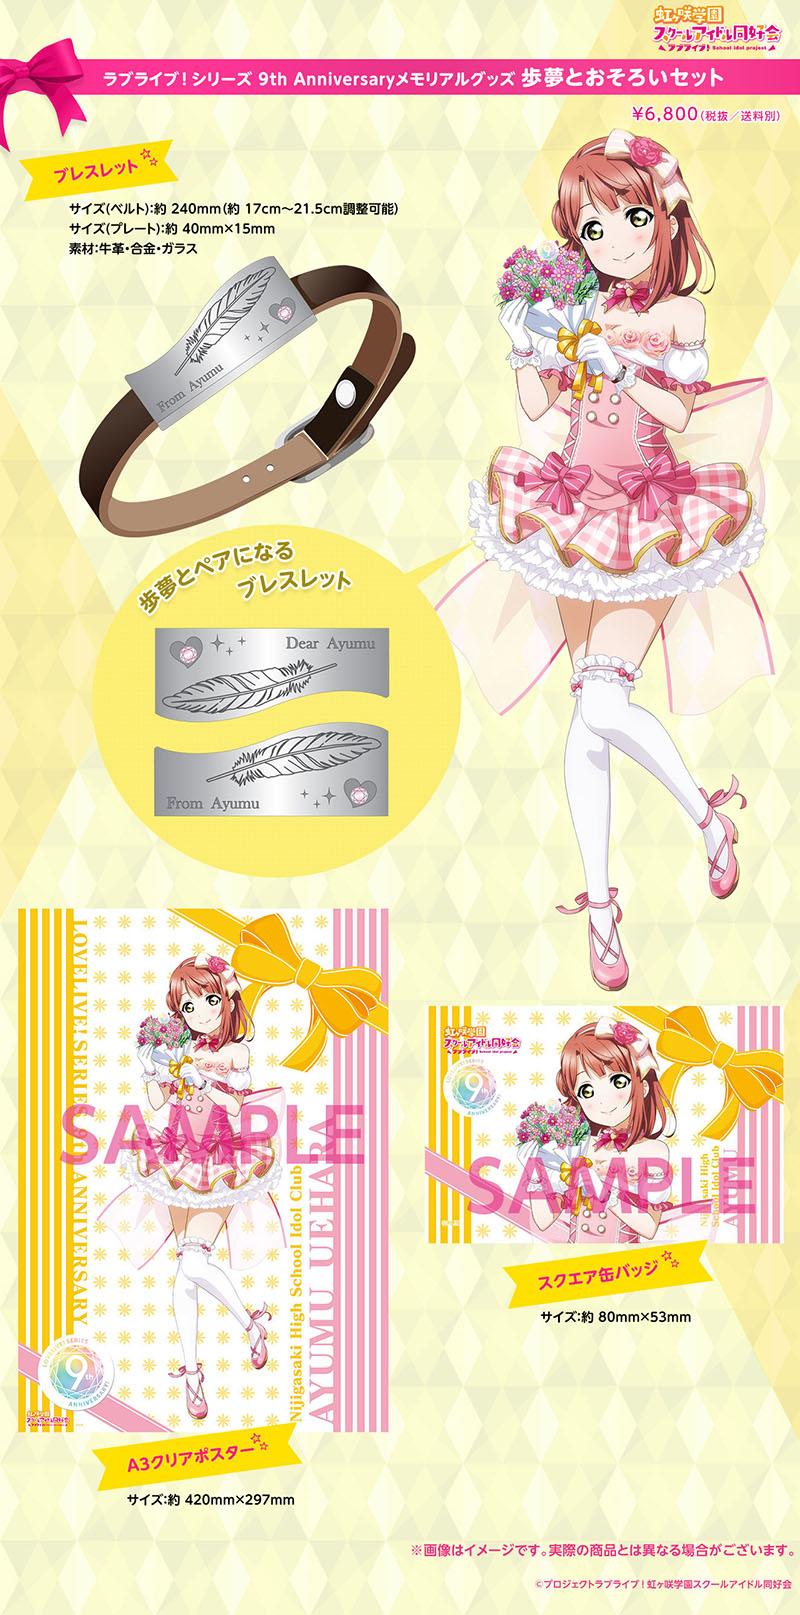 ラブライブ!シリーズ『9th Anniversaryメモリアルグッズ 歩夢とおそろいセット』グッズ-001